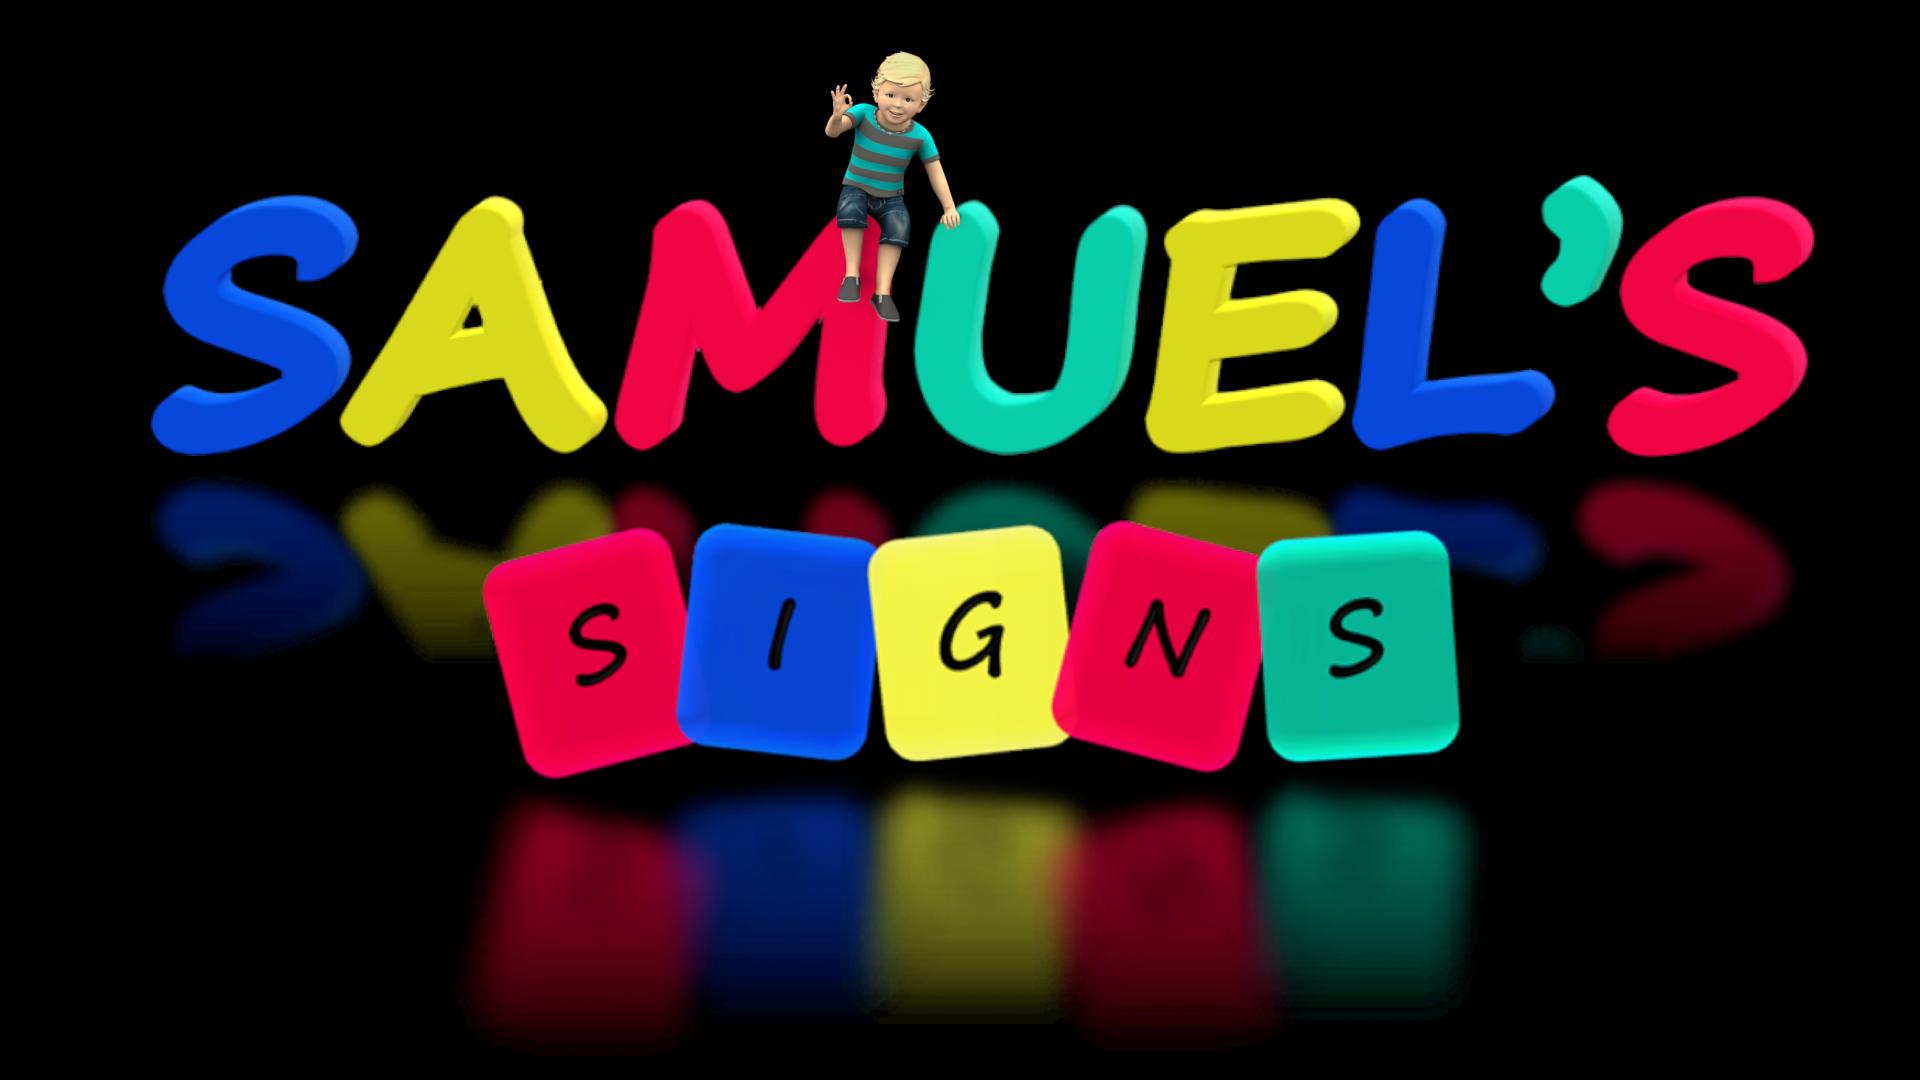 Samuel Signos